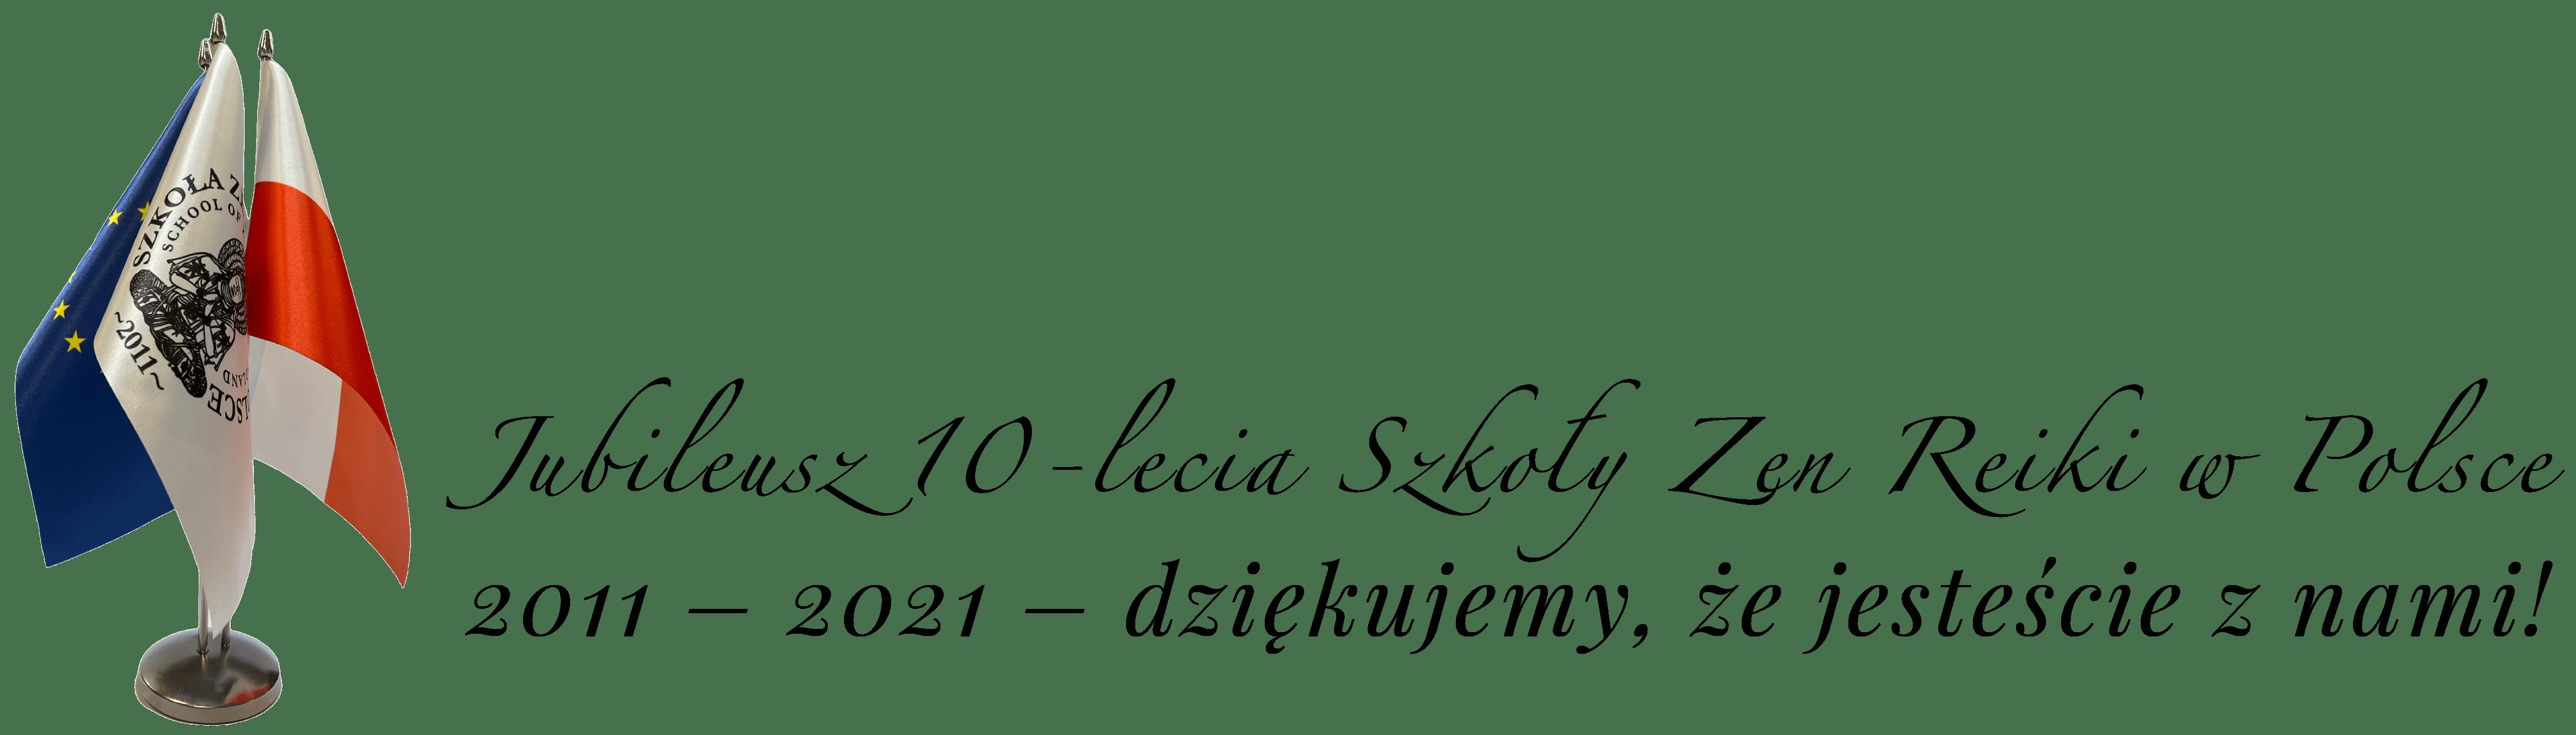 Jubileusz Szkoły Zen Reiki w Polsce - 10 lat!